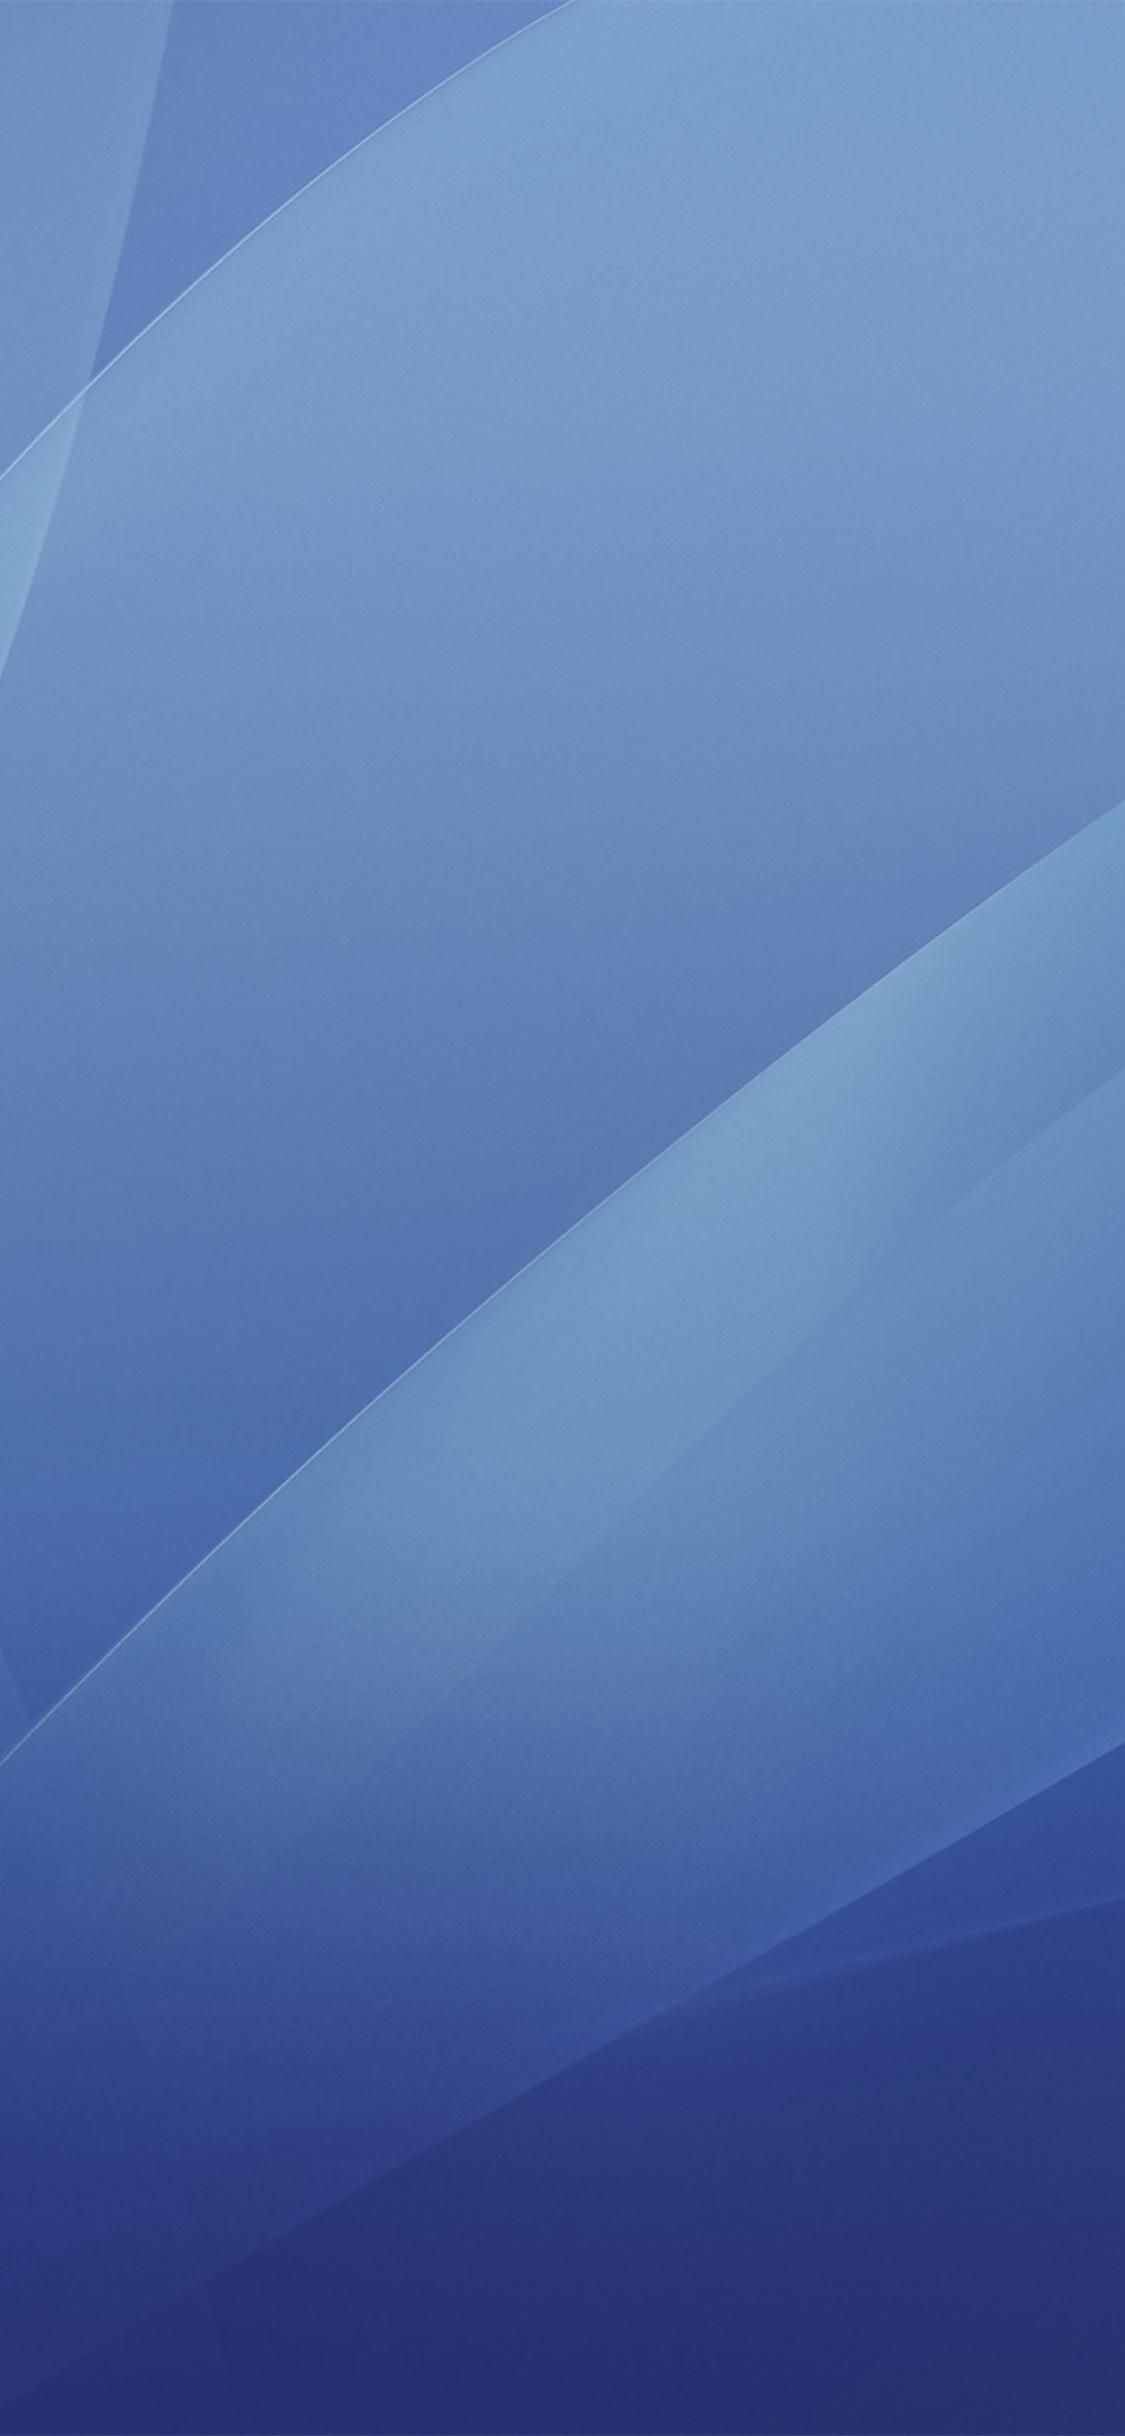 iPhoneXpapers.com-Apple-iPhone-wallpaper-vb53-wallpaper-aqua-blue-pattern